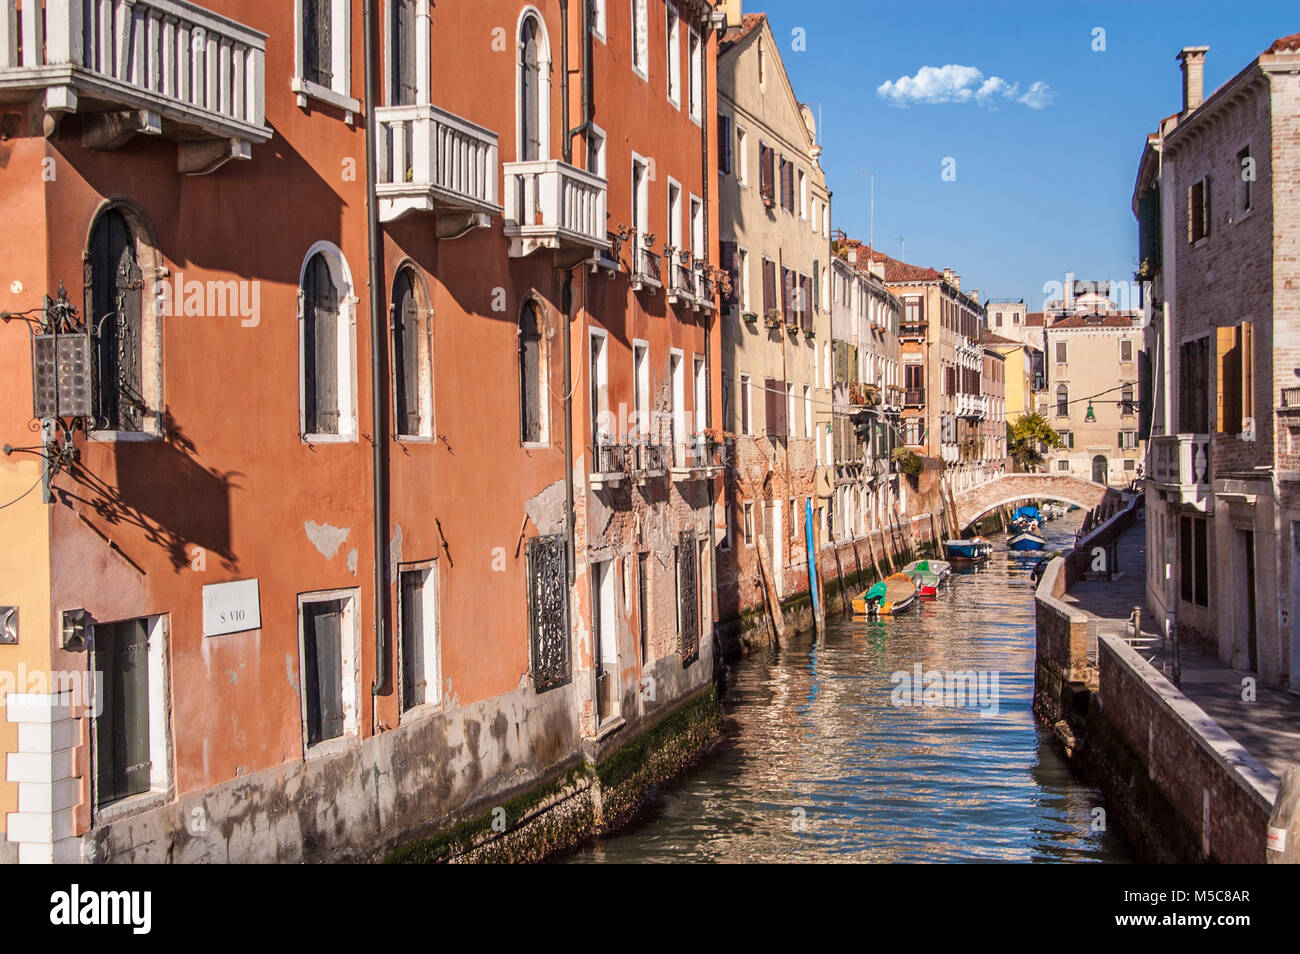 Venice,Canal in Fondamenta Zattere allo Spirito Santo - Stock Image